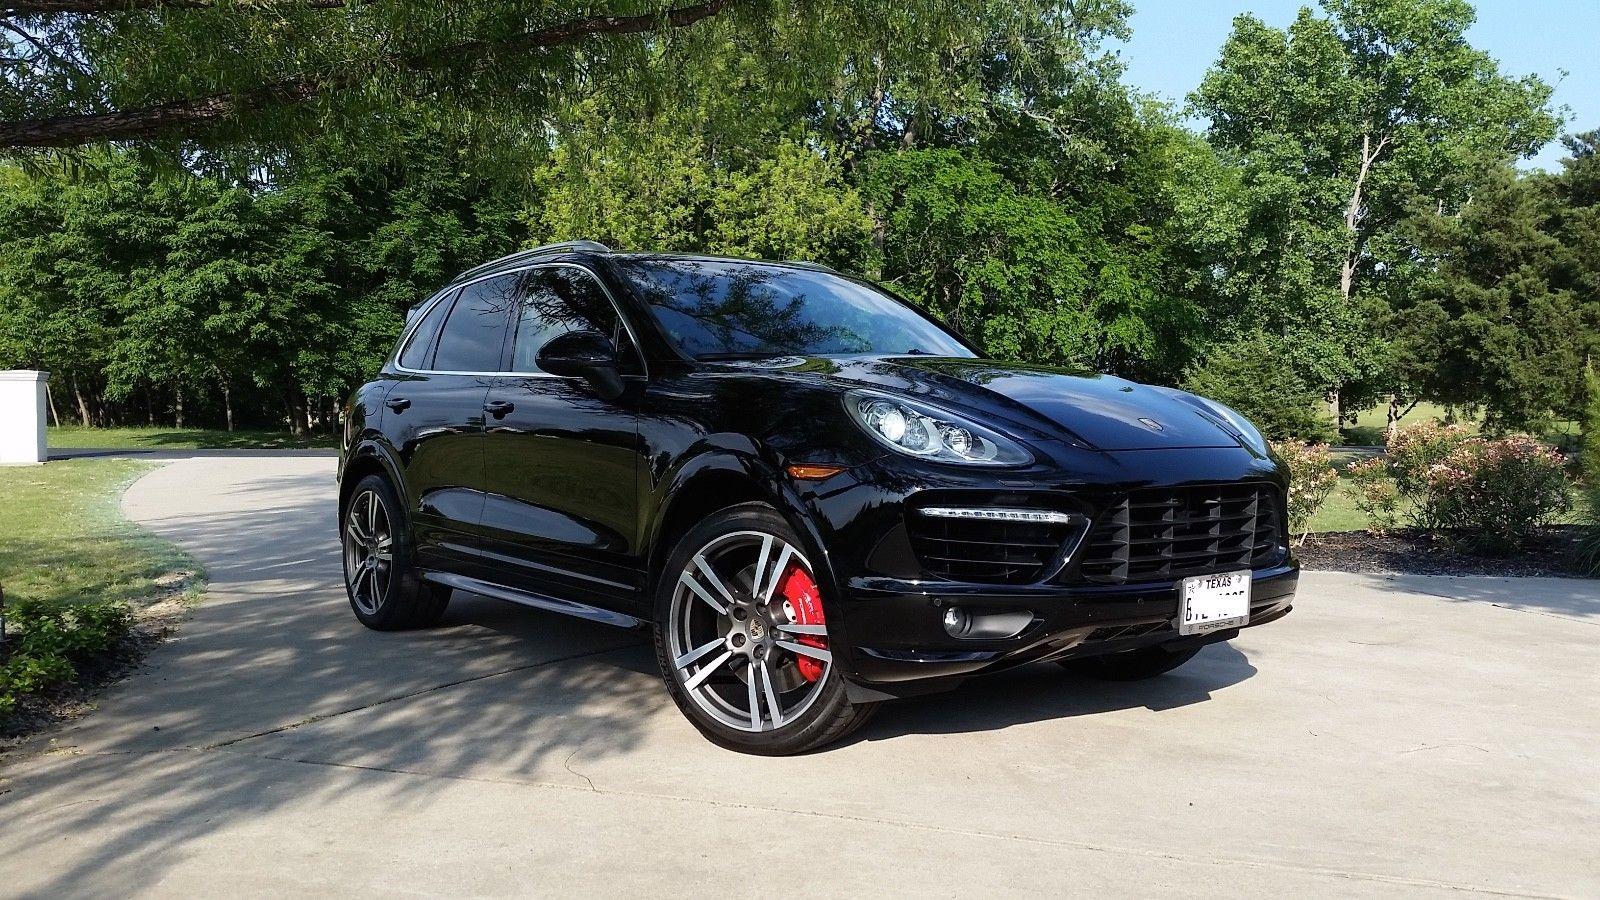 Used Porsche Cayenne >> Awesome 2012 Porsche Cayenne Turbo 2012 Porsche Cayenne Twin Turbo 81,875 Miles Black SUV 4.8L ...